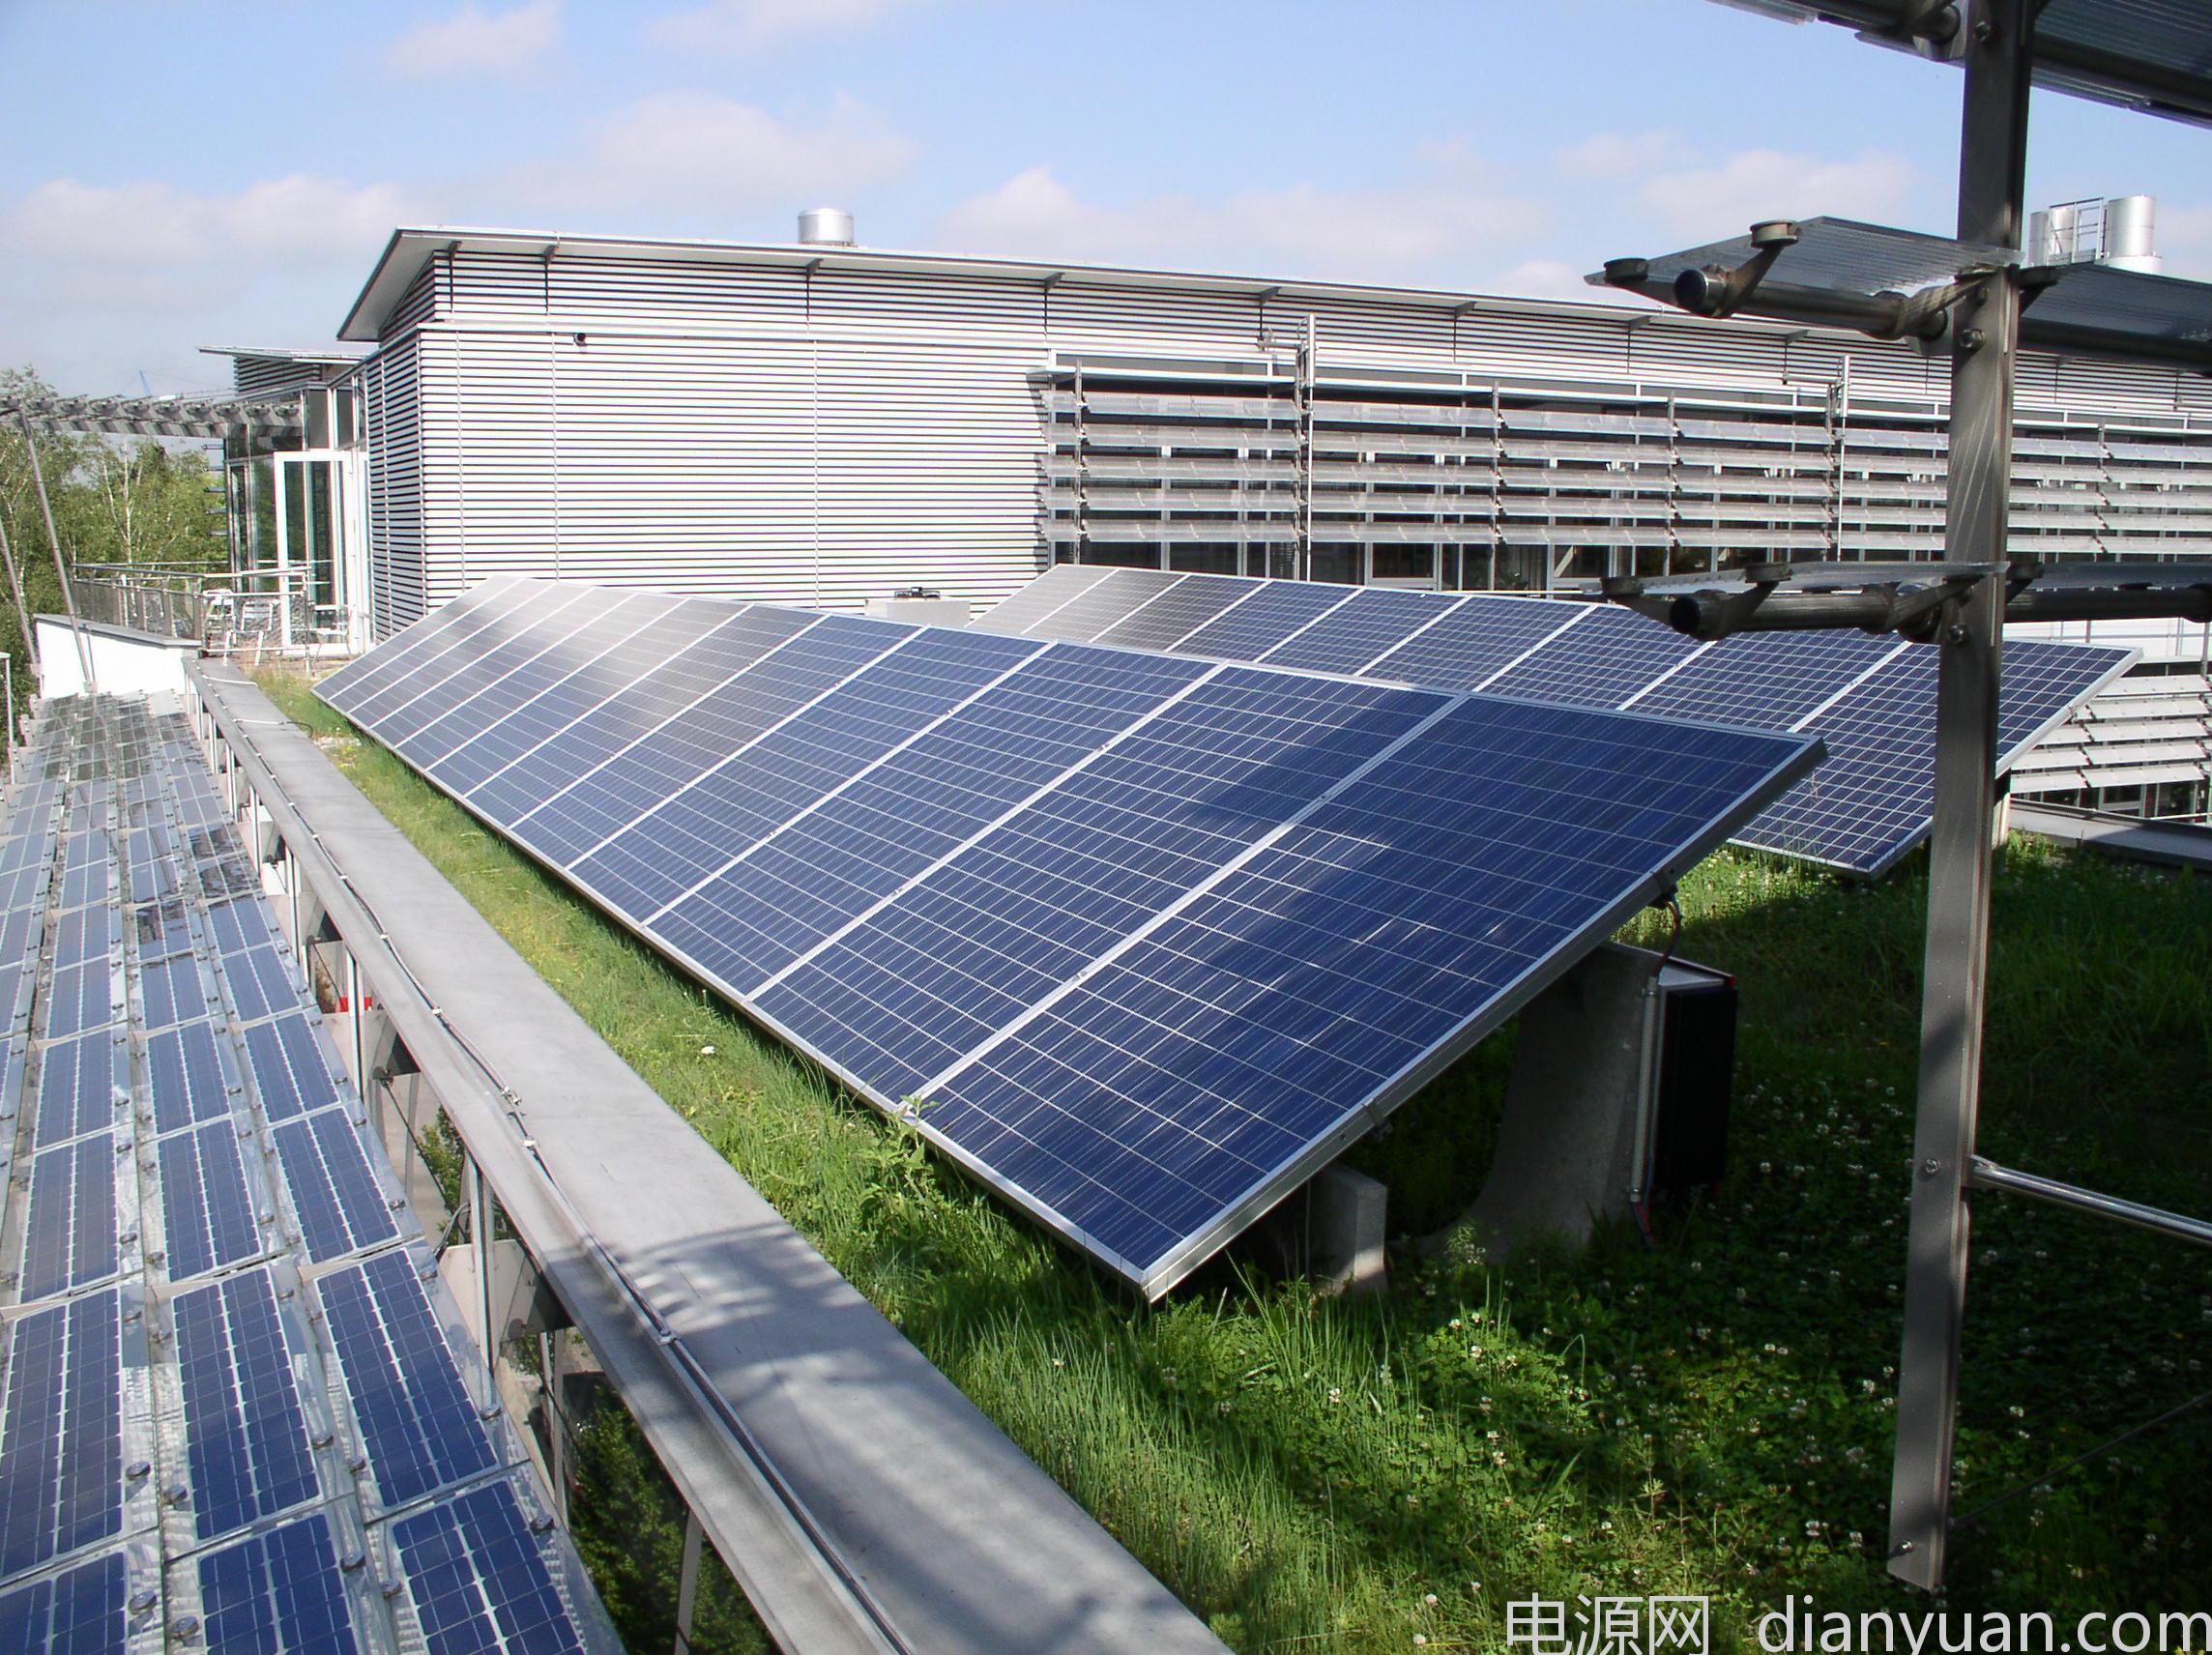 飞兆工程师:太阳能发电市场持续增长动力十足